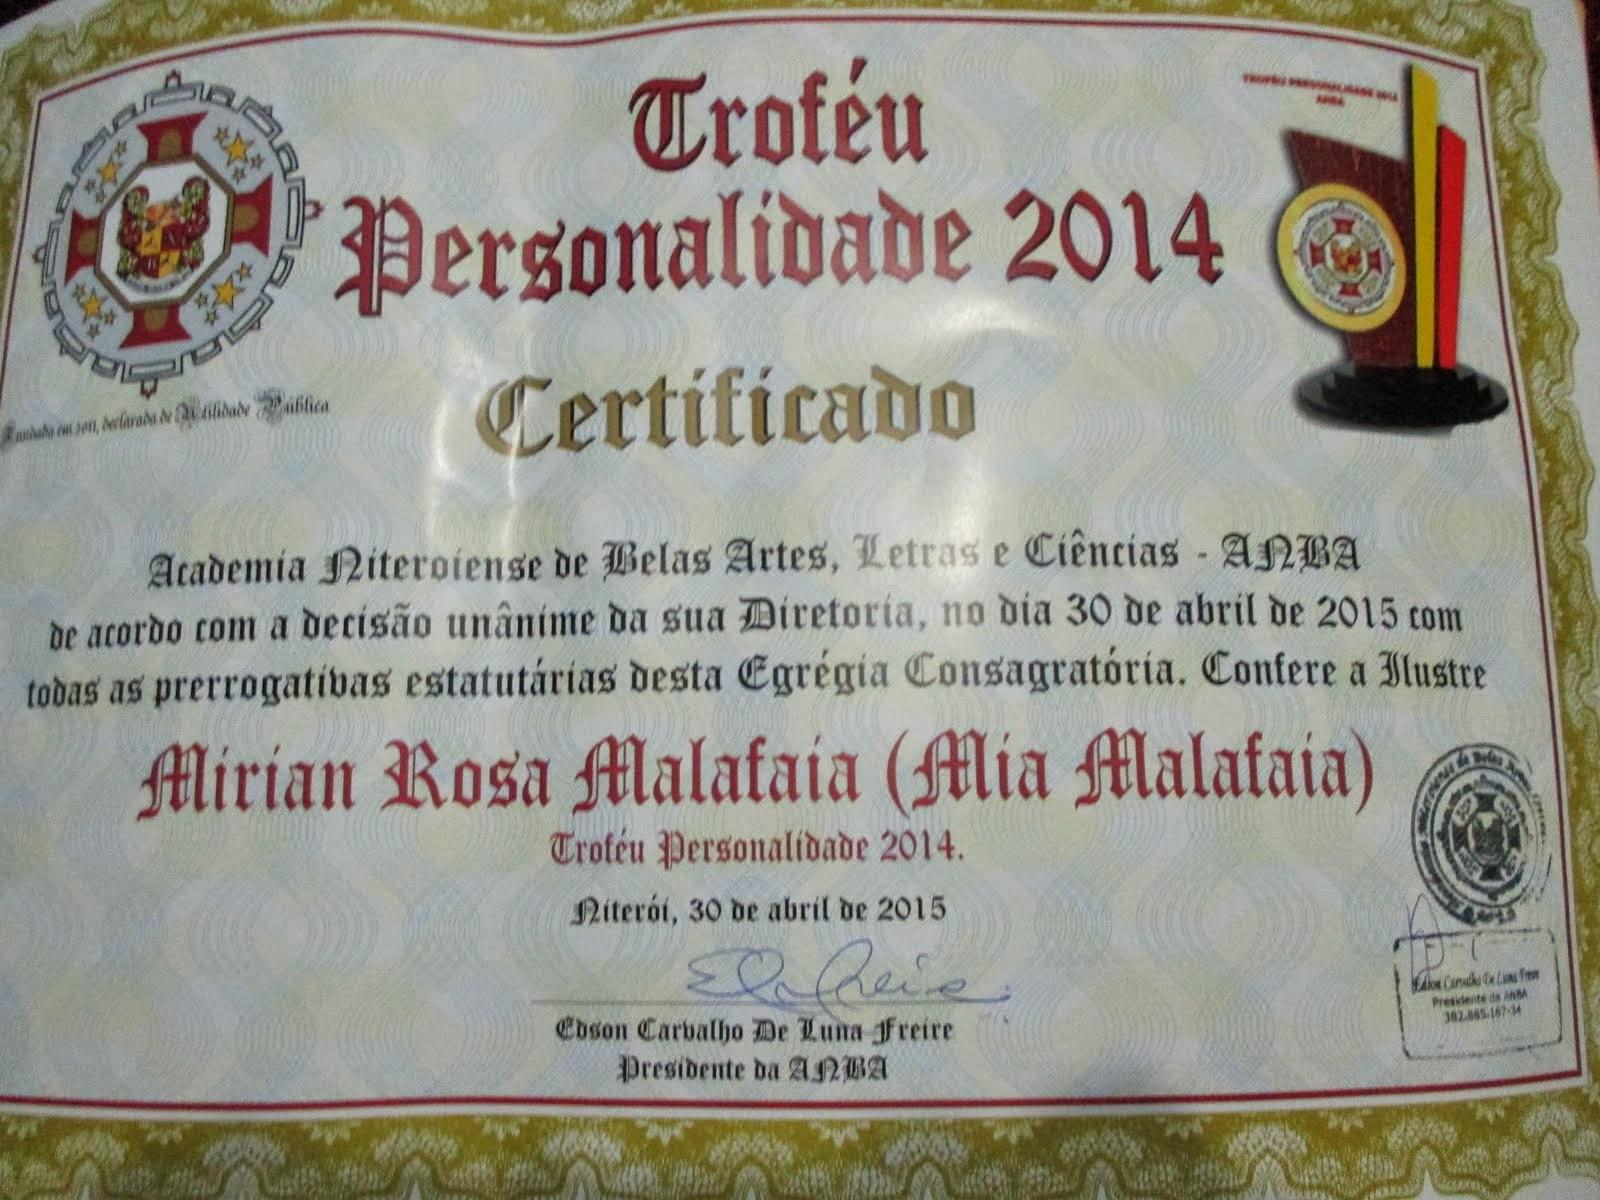 Personalidade 2014!